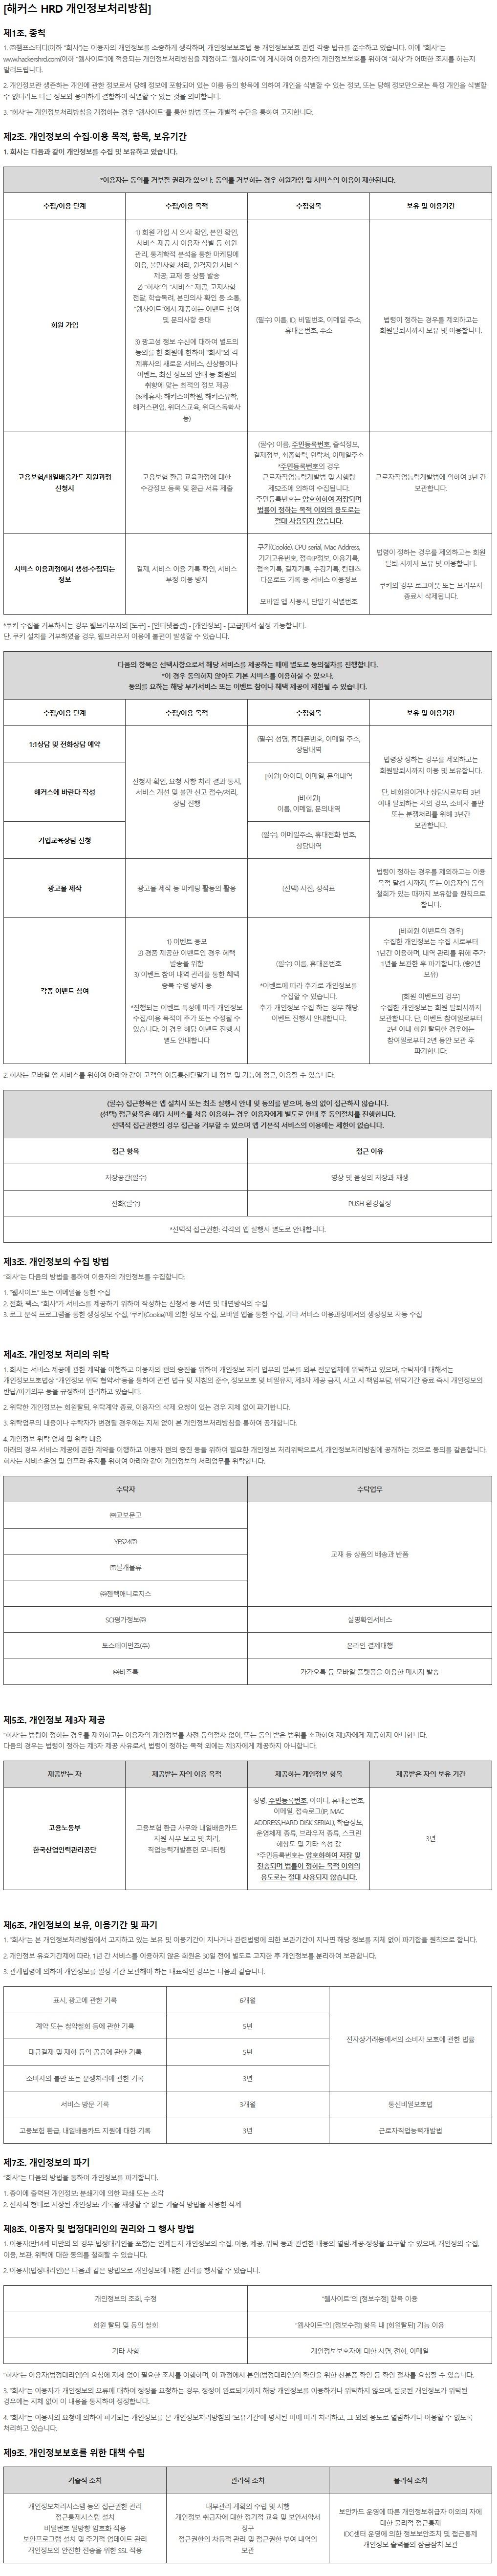 개인정보 수정.jpg